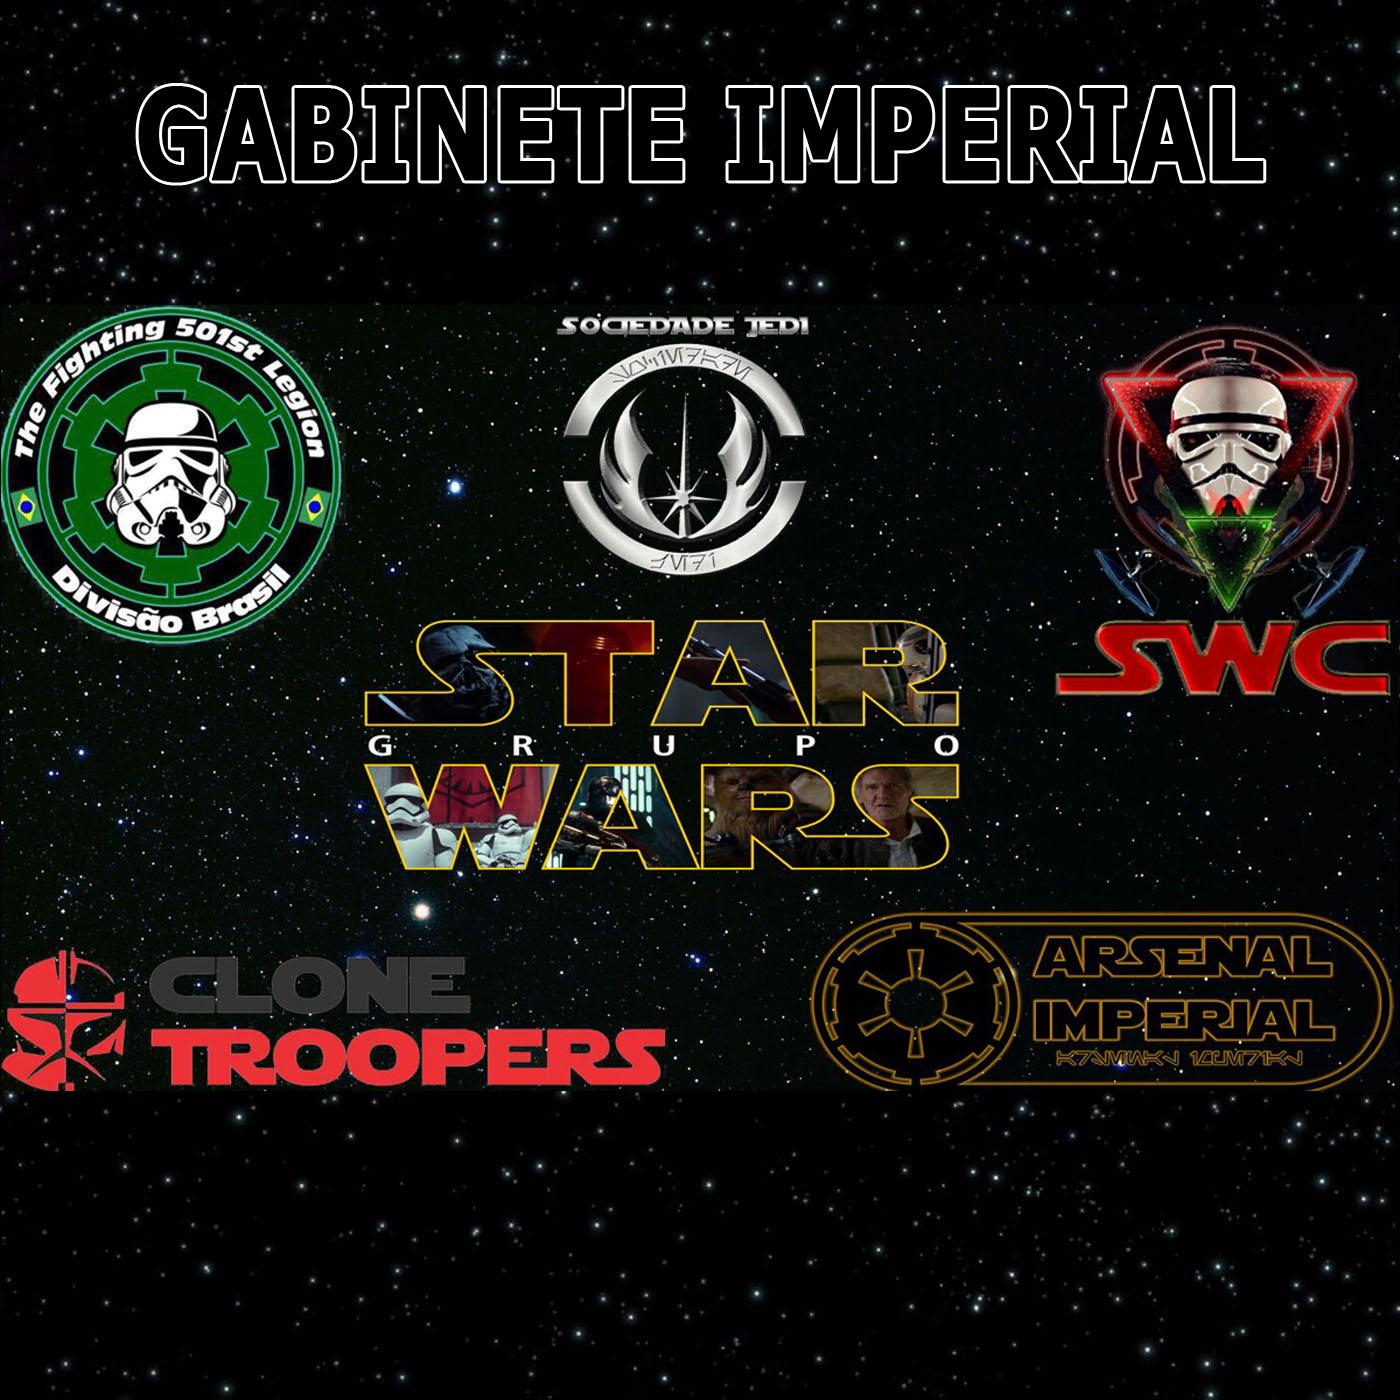 Gabinete Imperial